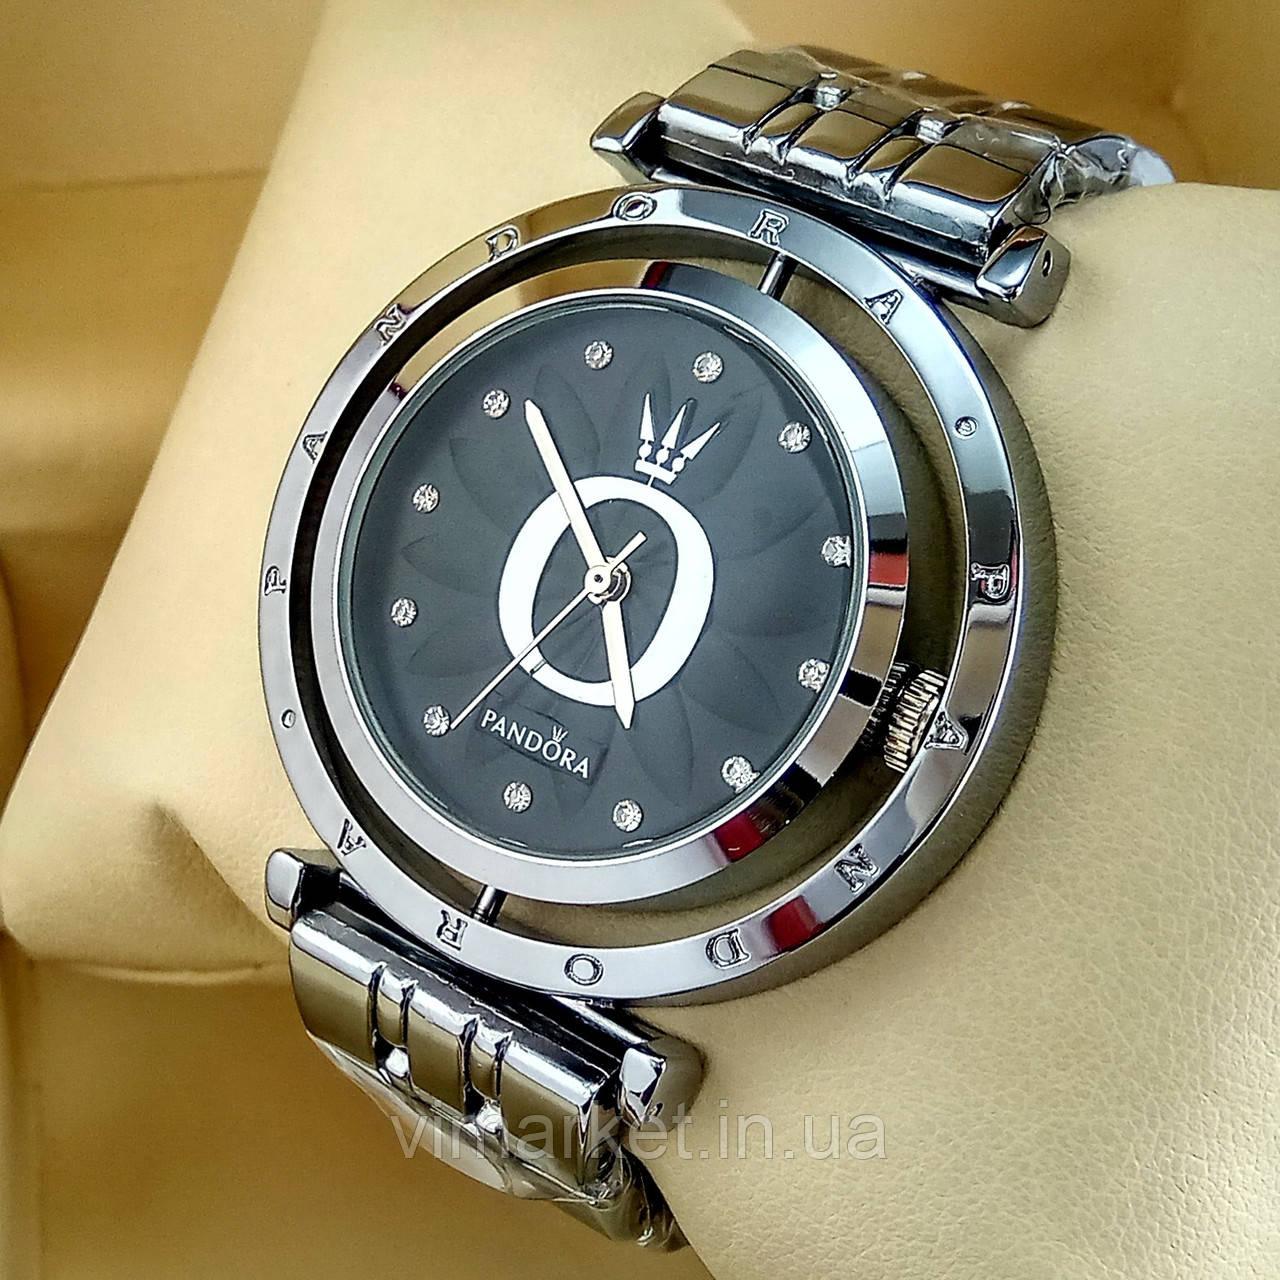 Женские кварцевые наручные часы Pandora T103 серебряного цвета с черным циферблатом на металлическом браслете